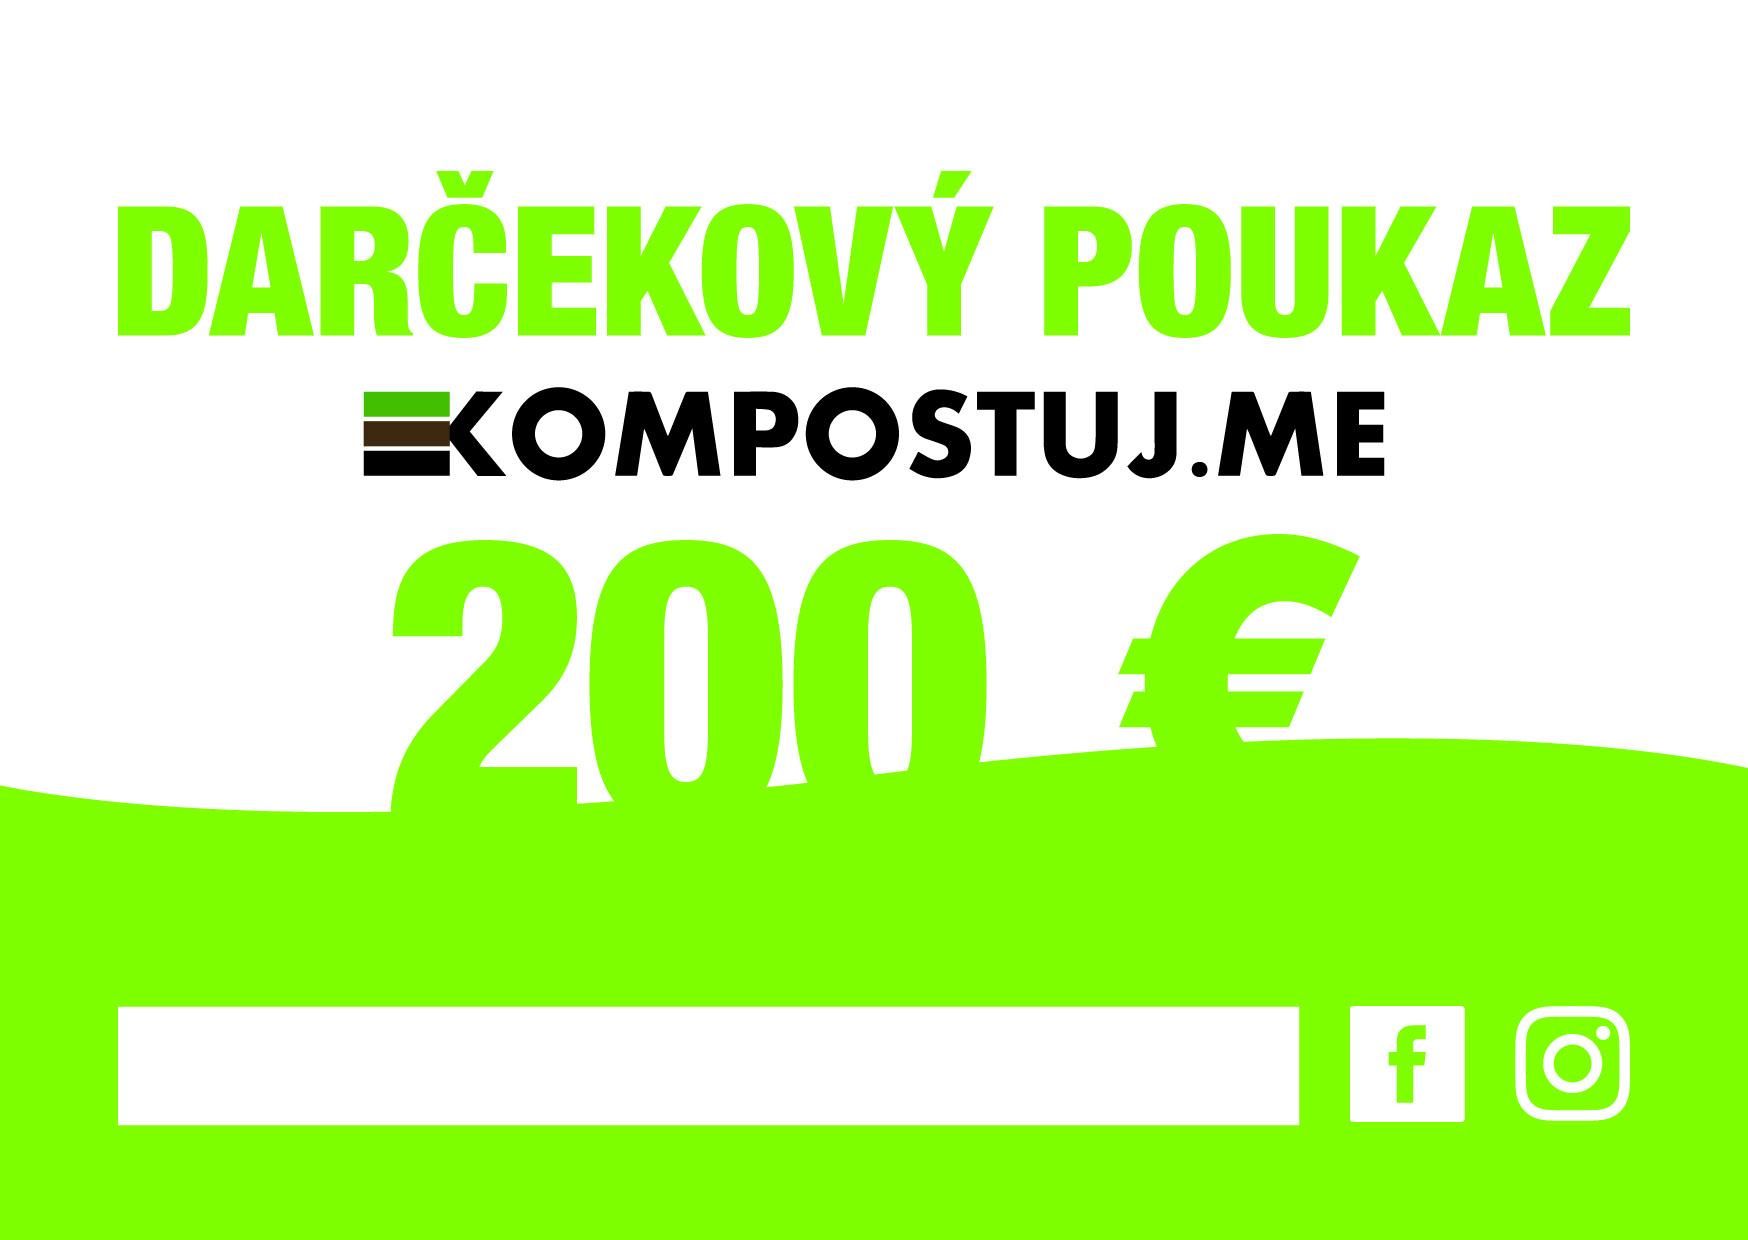 poukaz200